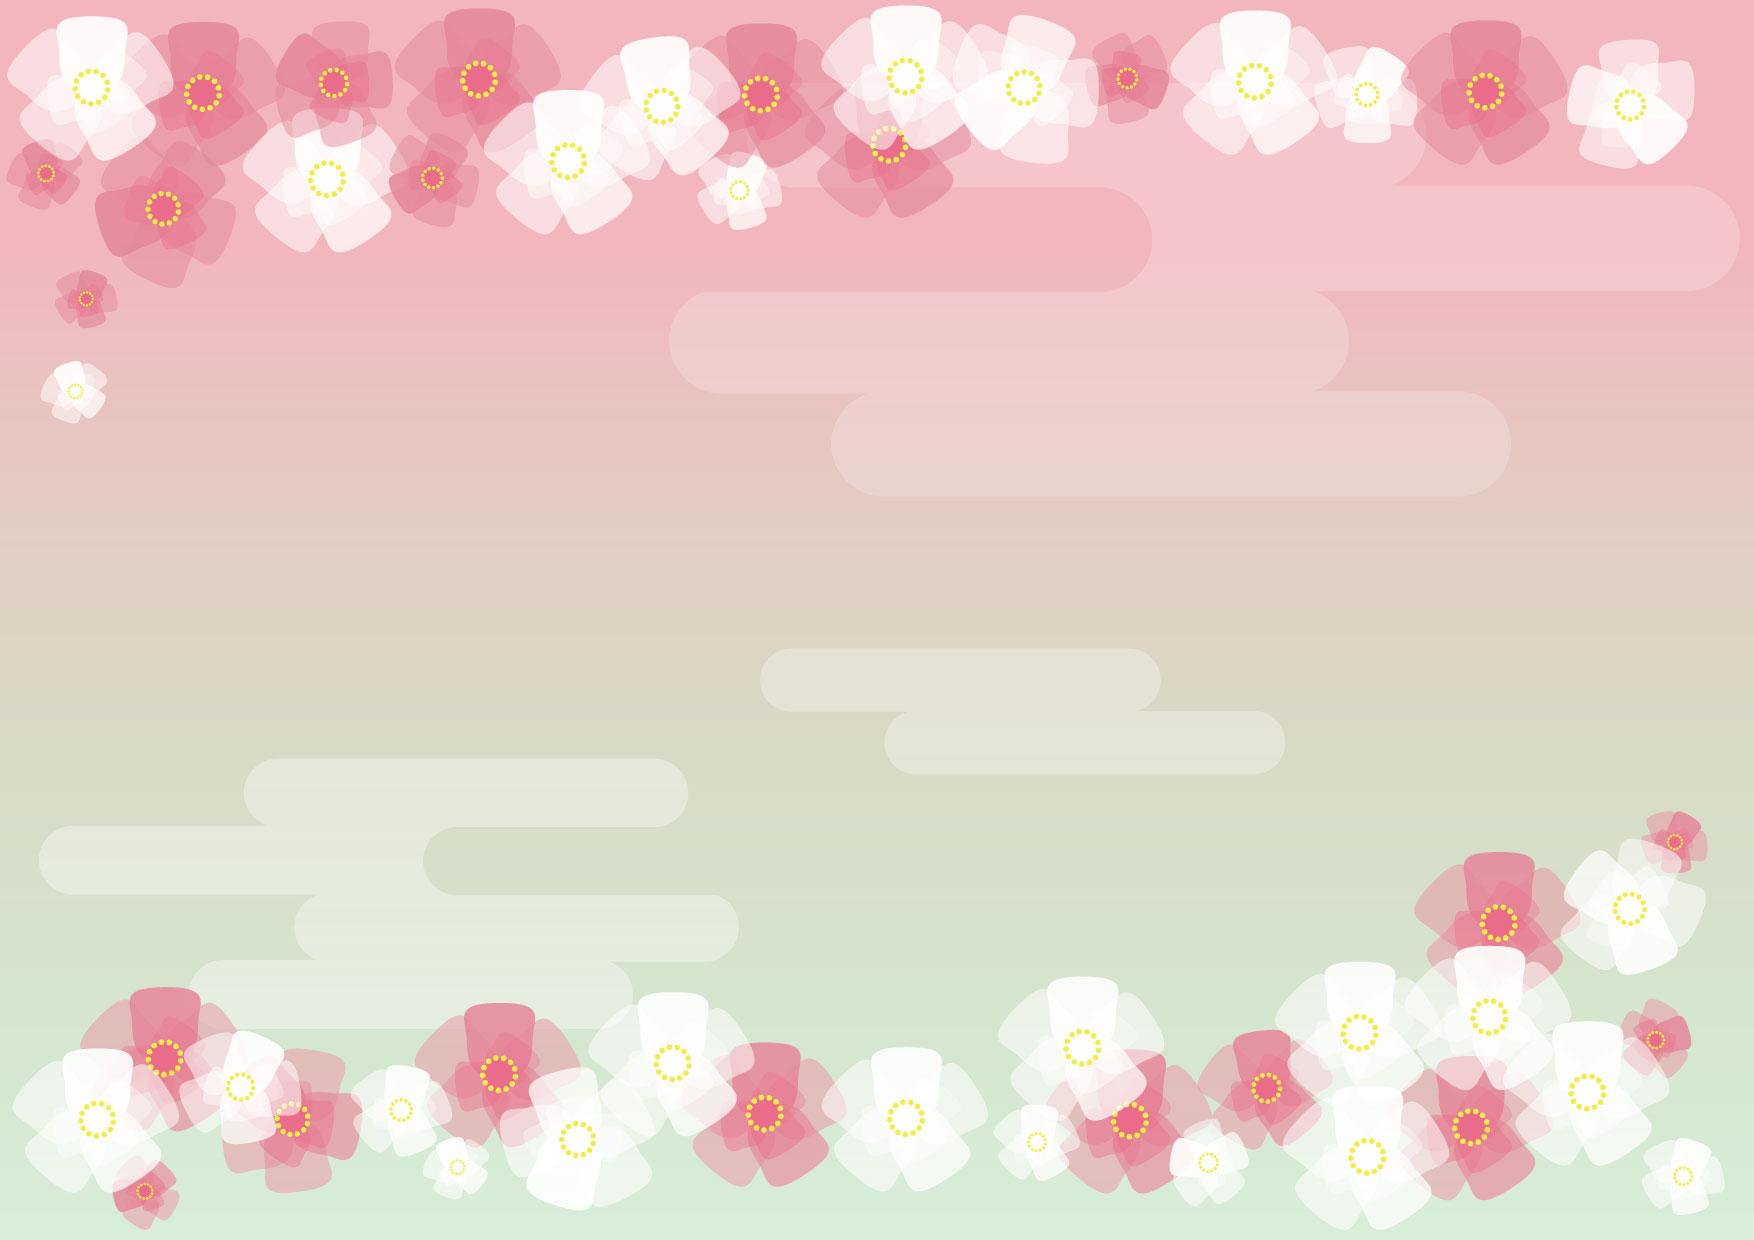 ひな祭り 桃の花 背景 グラデーション イラスト 無料